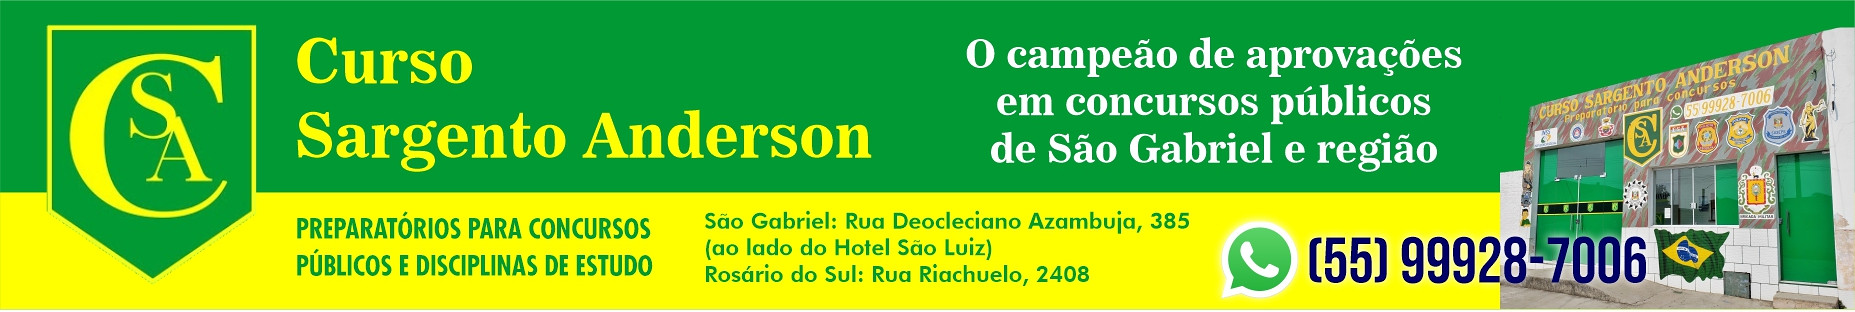 Curso Sargento Anderson - campeão de aprovações em São Gabriel e região